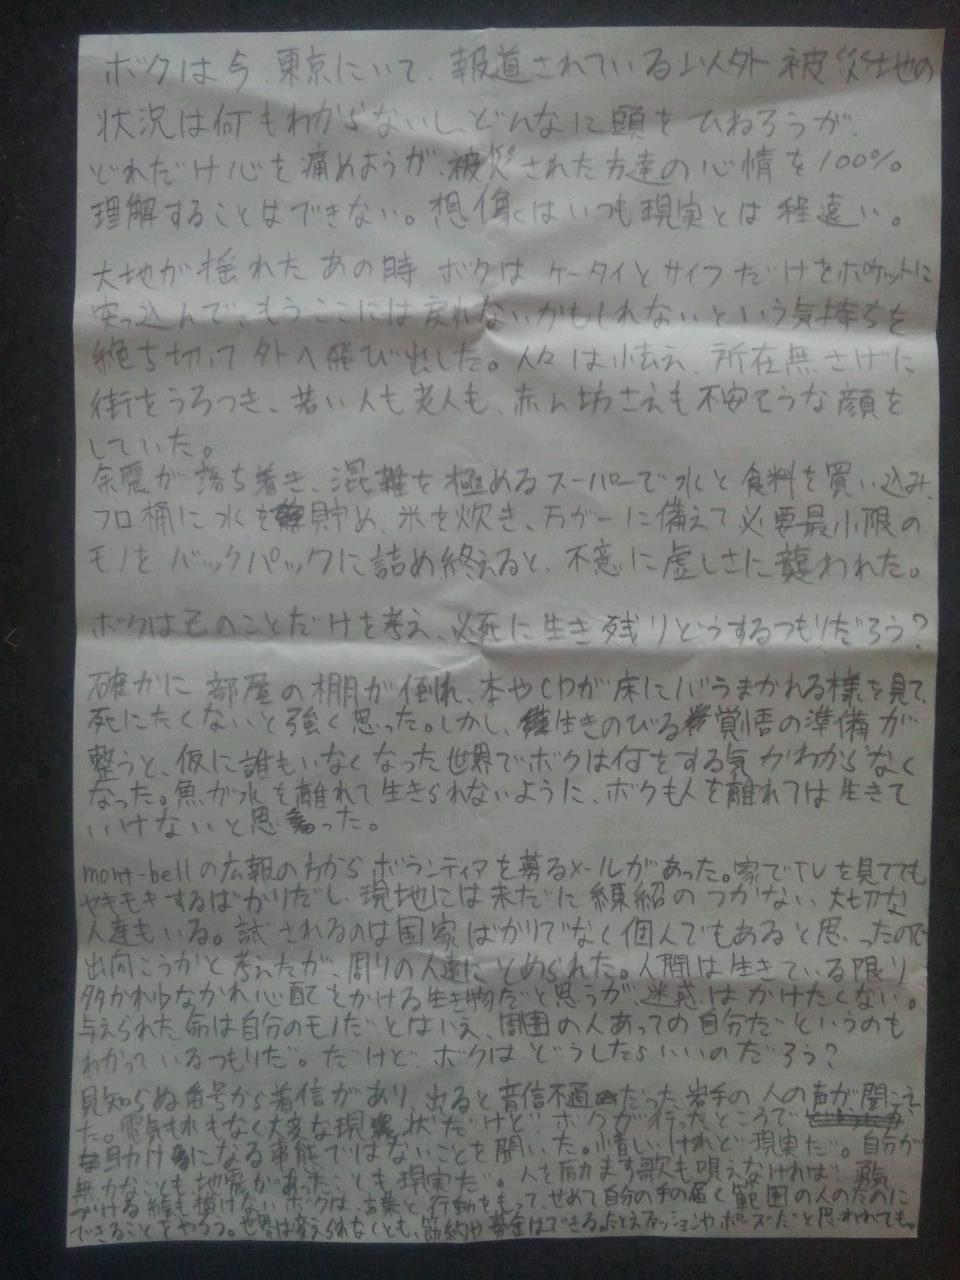 2011年3月13日 16時32分_e0204105_1630402.jpg